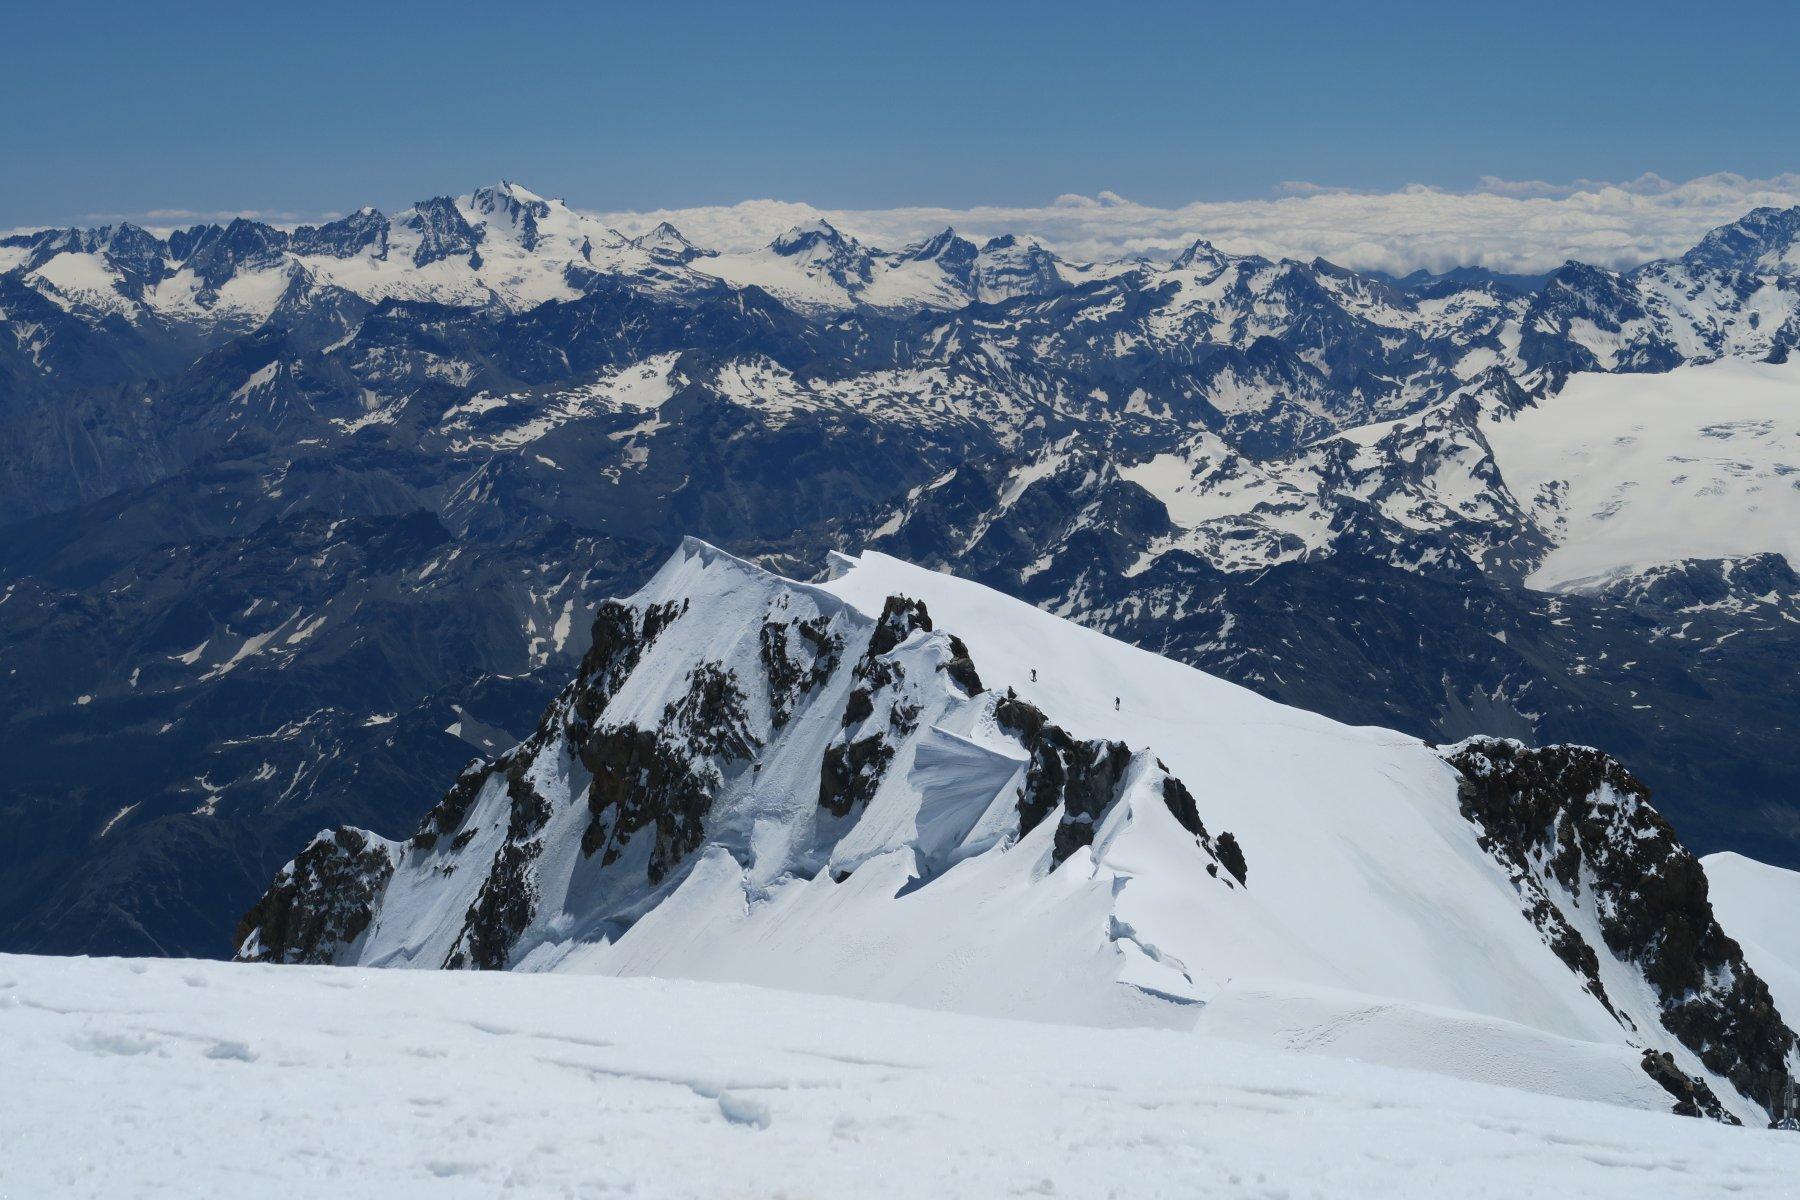 2 alpinisti stanno arrivando al Monte Bianco di Courmayeur